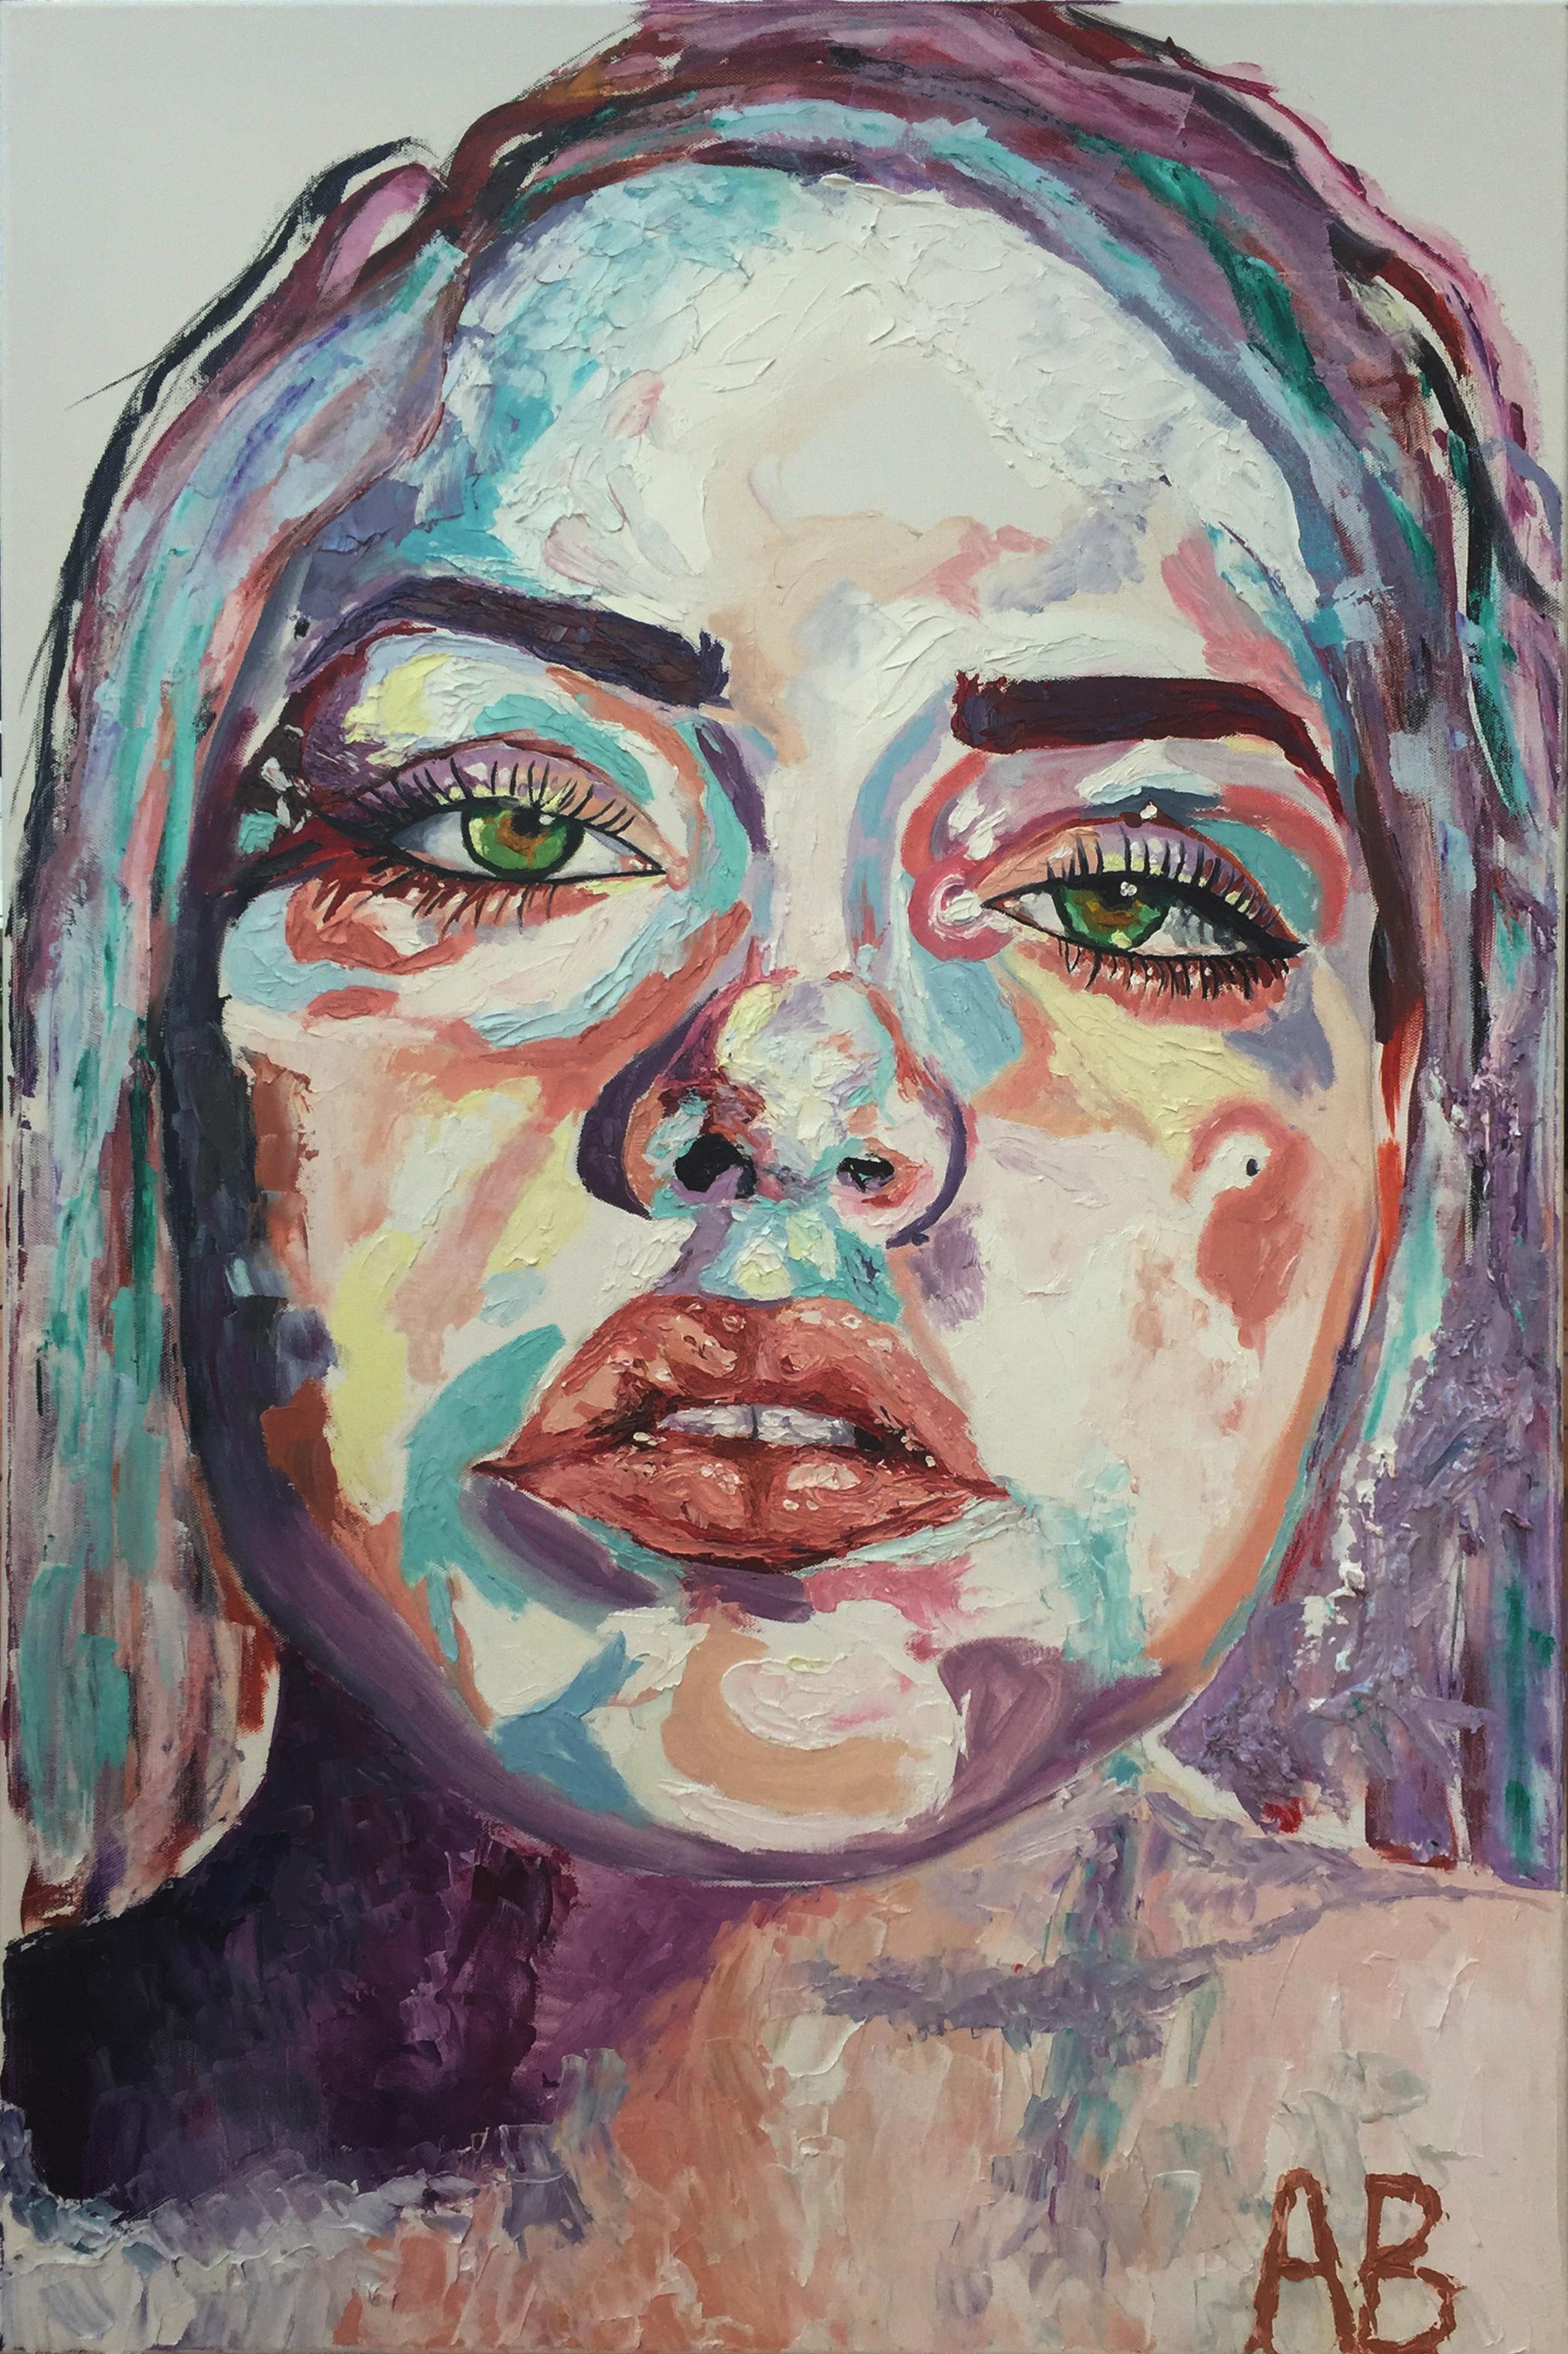 Female_Gaze_wax_that_ass_sculpture_allison_bouganim_artist_feminism.jpg